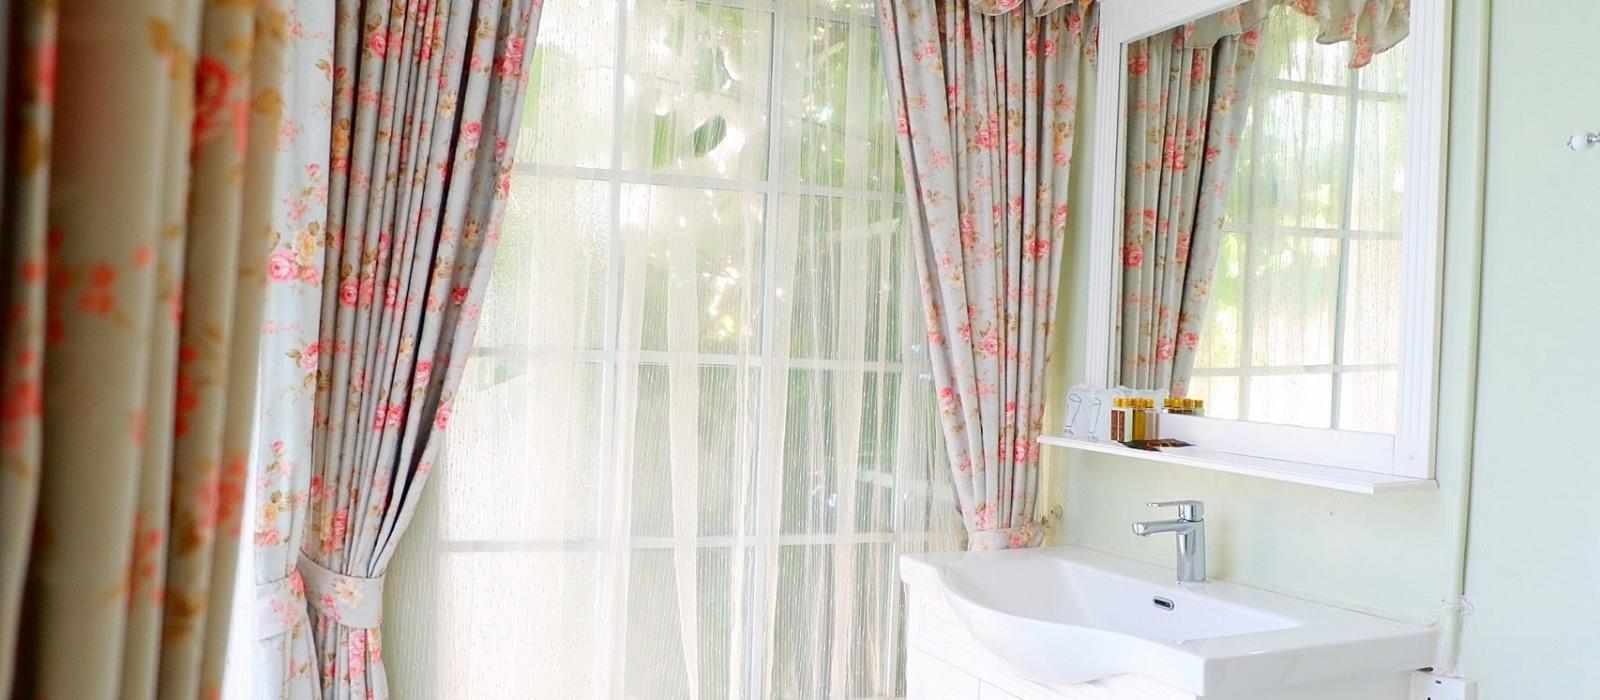 ห้องน้ำ ห้องรักแรกพบ ให้รีสอร์ท โรงแรมบางแสน ชลบุรี